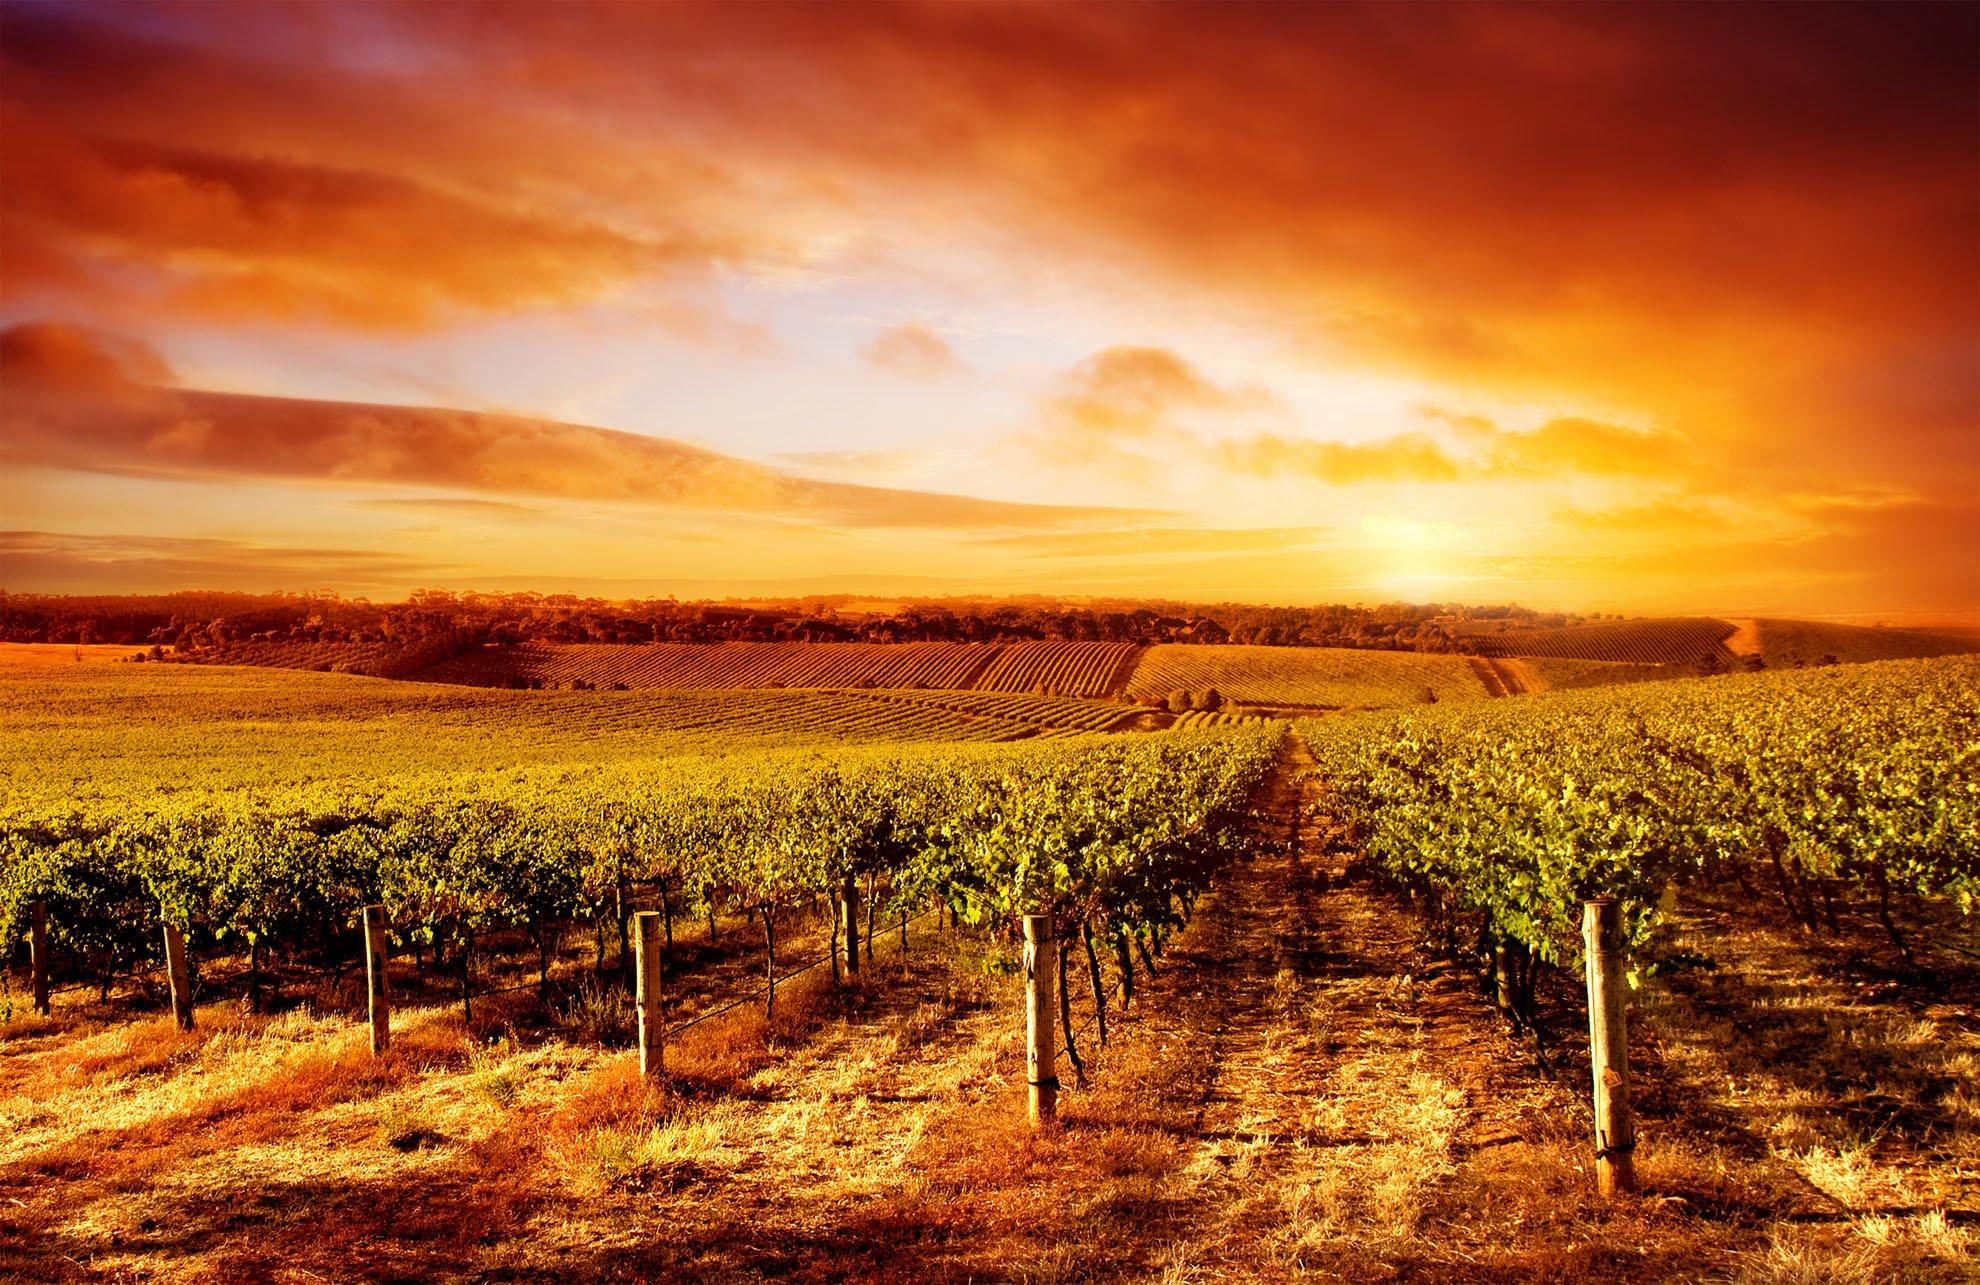 Vendita terreni agricoli ereditati: plusvalenza tassabile?